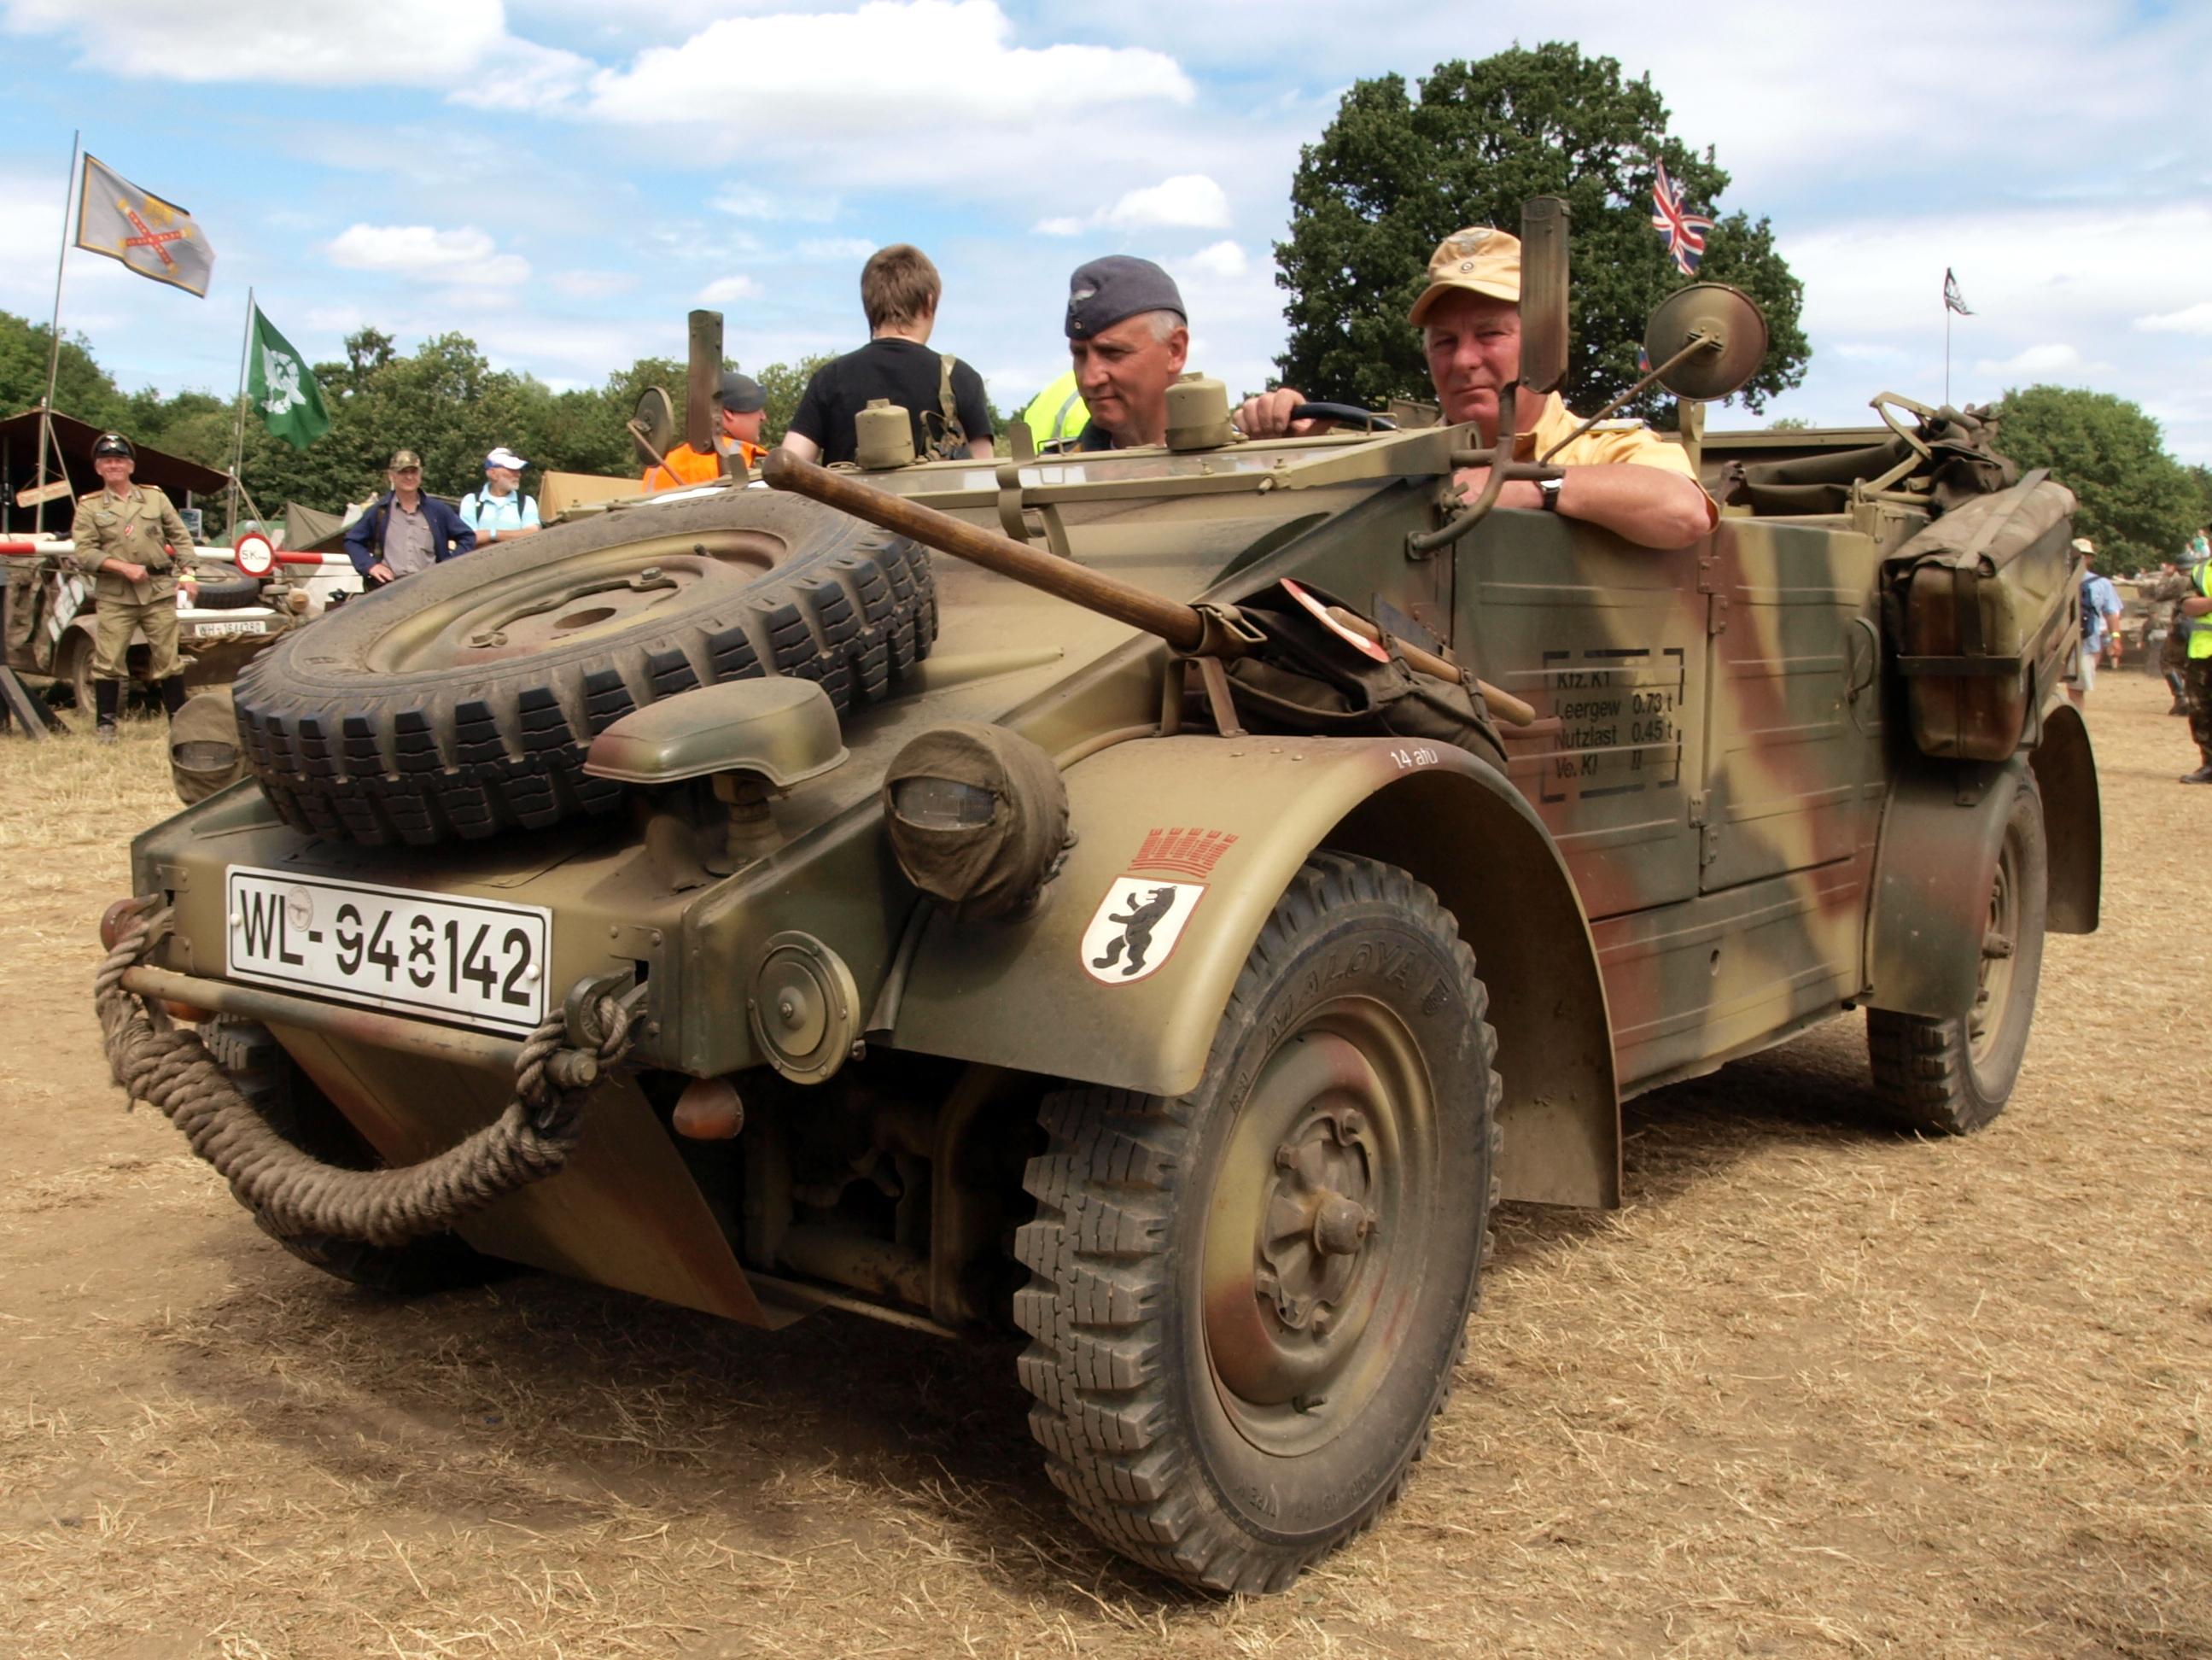 File Vw Typ 82 Wehrmacht Wl 948142 Pic2 Jpg Wikimedia